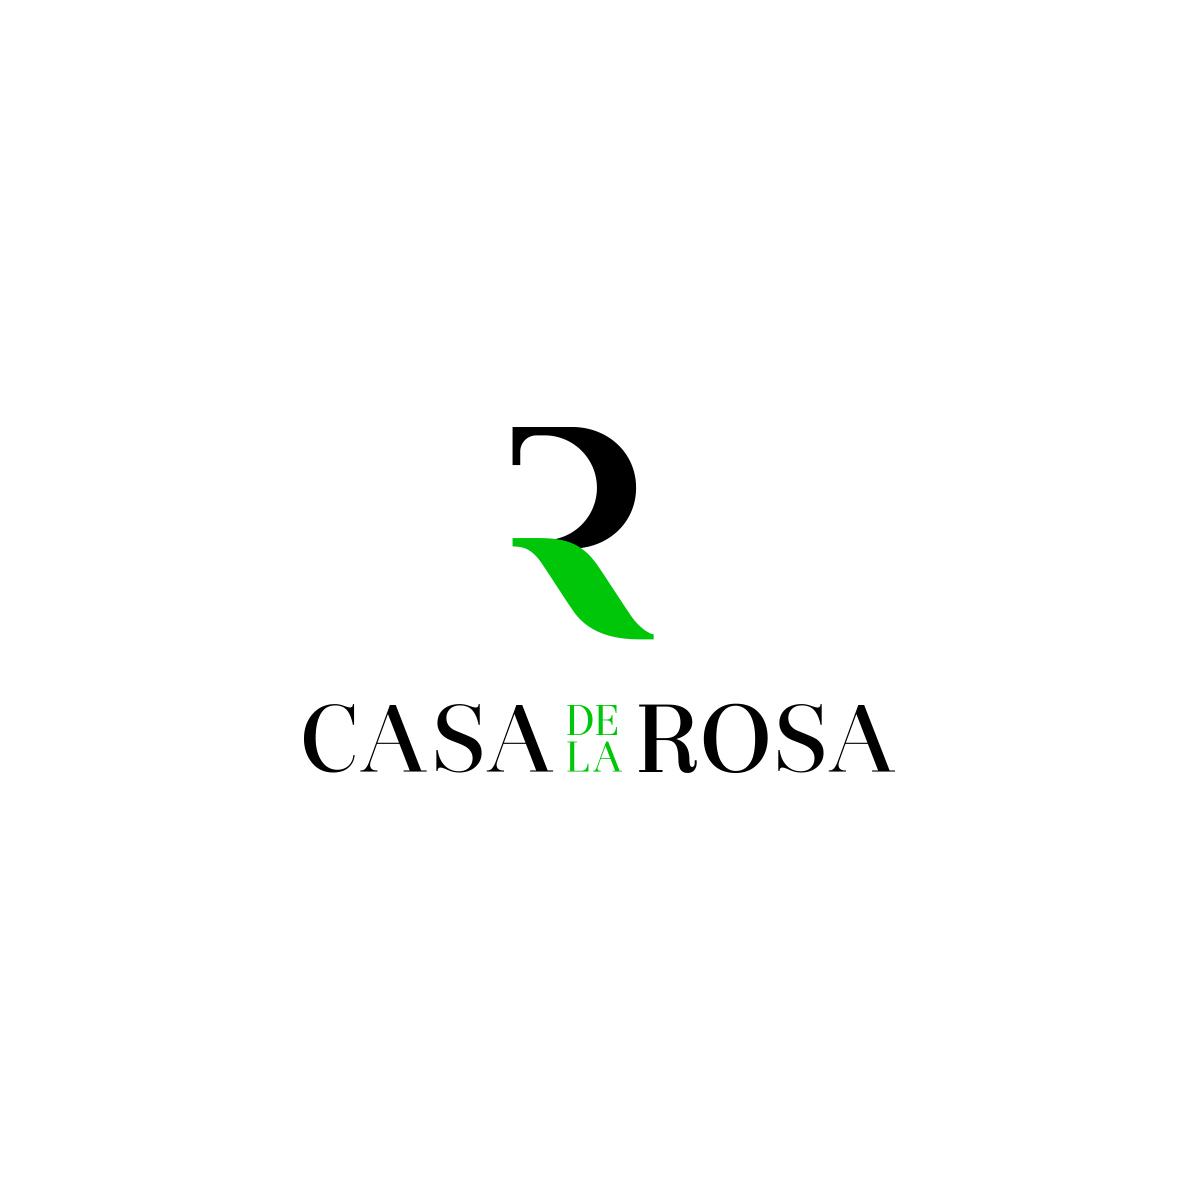 Логотип + Фирменный знак для элитного поселка Casa De La Rosa фото f_0475cd2c2dad790c.jpg